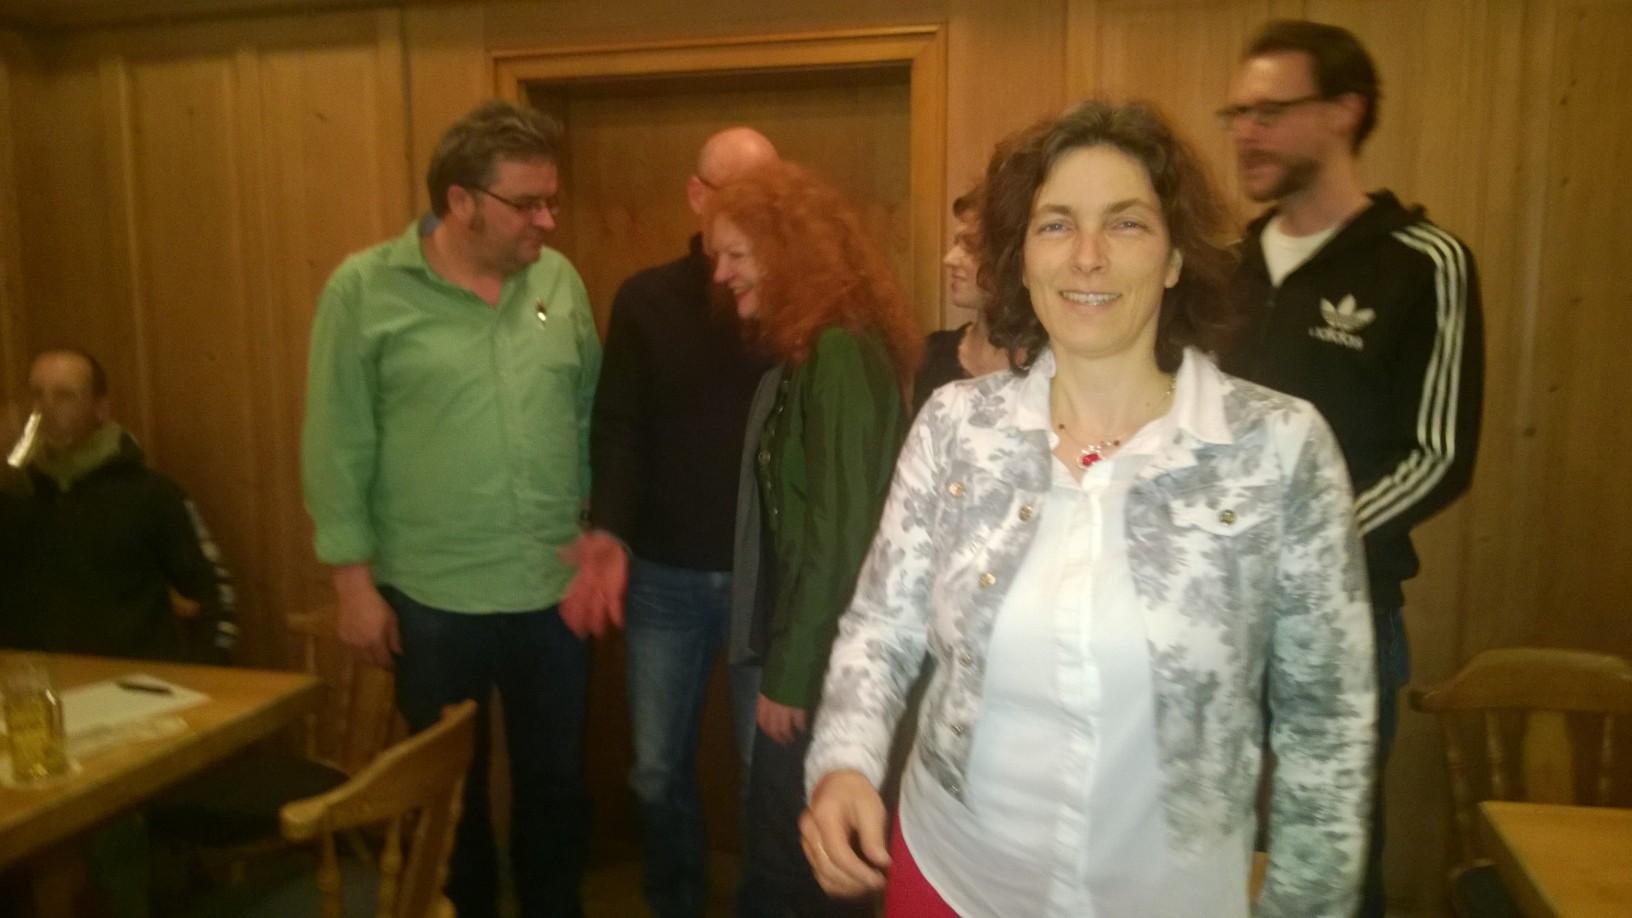 Kerstin Celina beim Schafkopfabend zusammen mit der Fraktionsvorsitzenden Margarete Bause, Gerhard Müller, Kreisräten und Gemeinderäten.